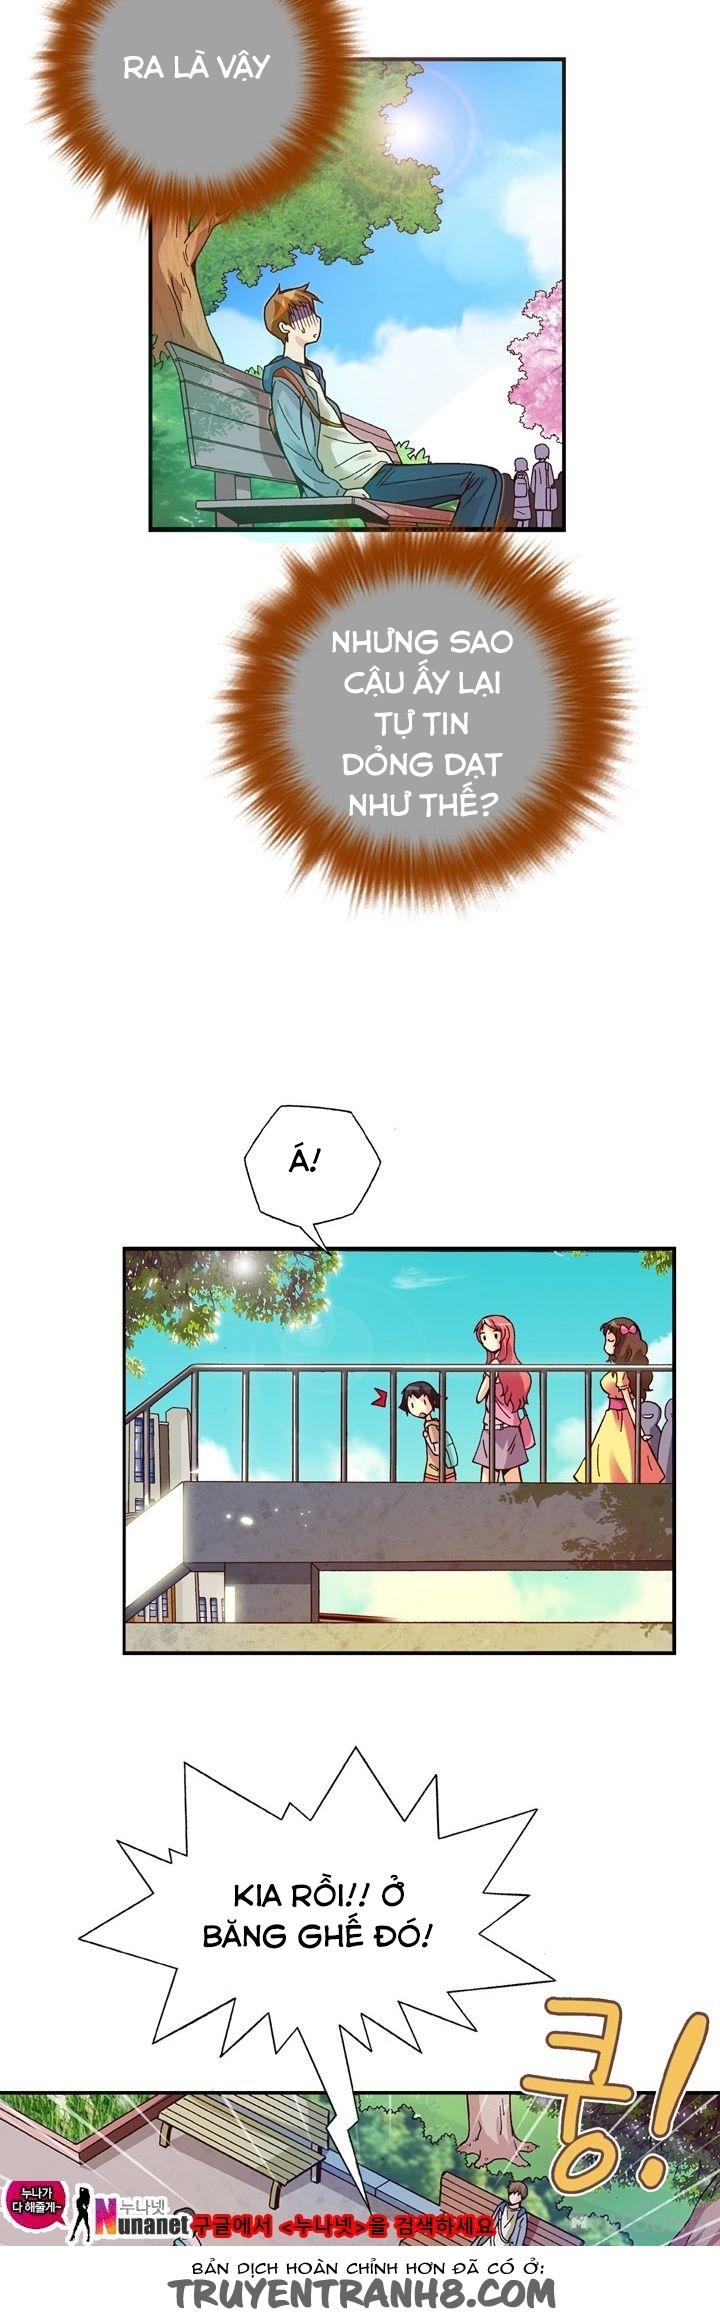 Hình ảnh 23 trong bài viết [Siêu phẩm] Hentai Màu Xin lỗi tớ thật dâm đãng